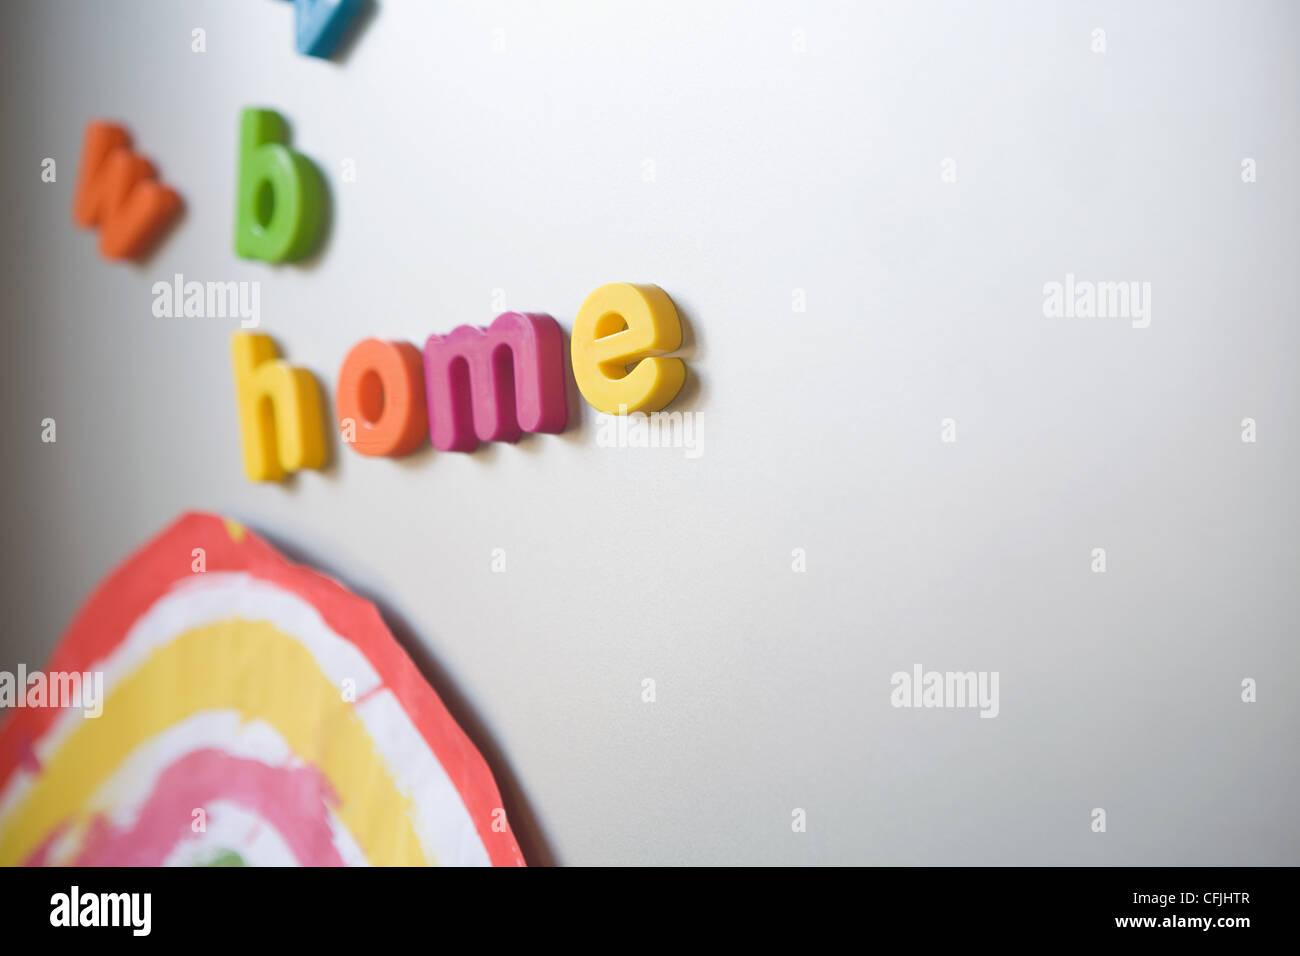 Lettere ortografia 'home' sul frigorifero di famiglia Immagini Stock